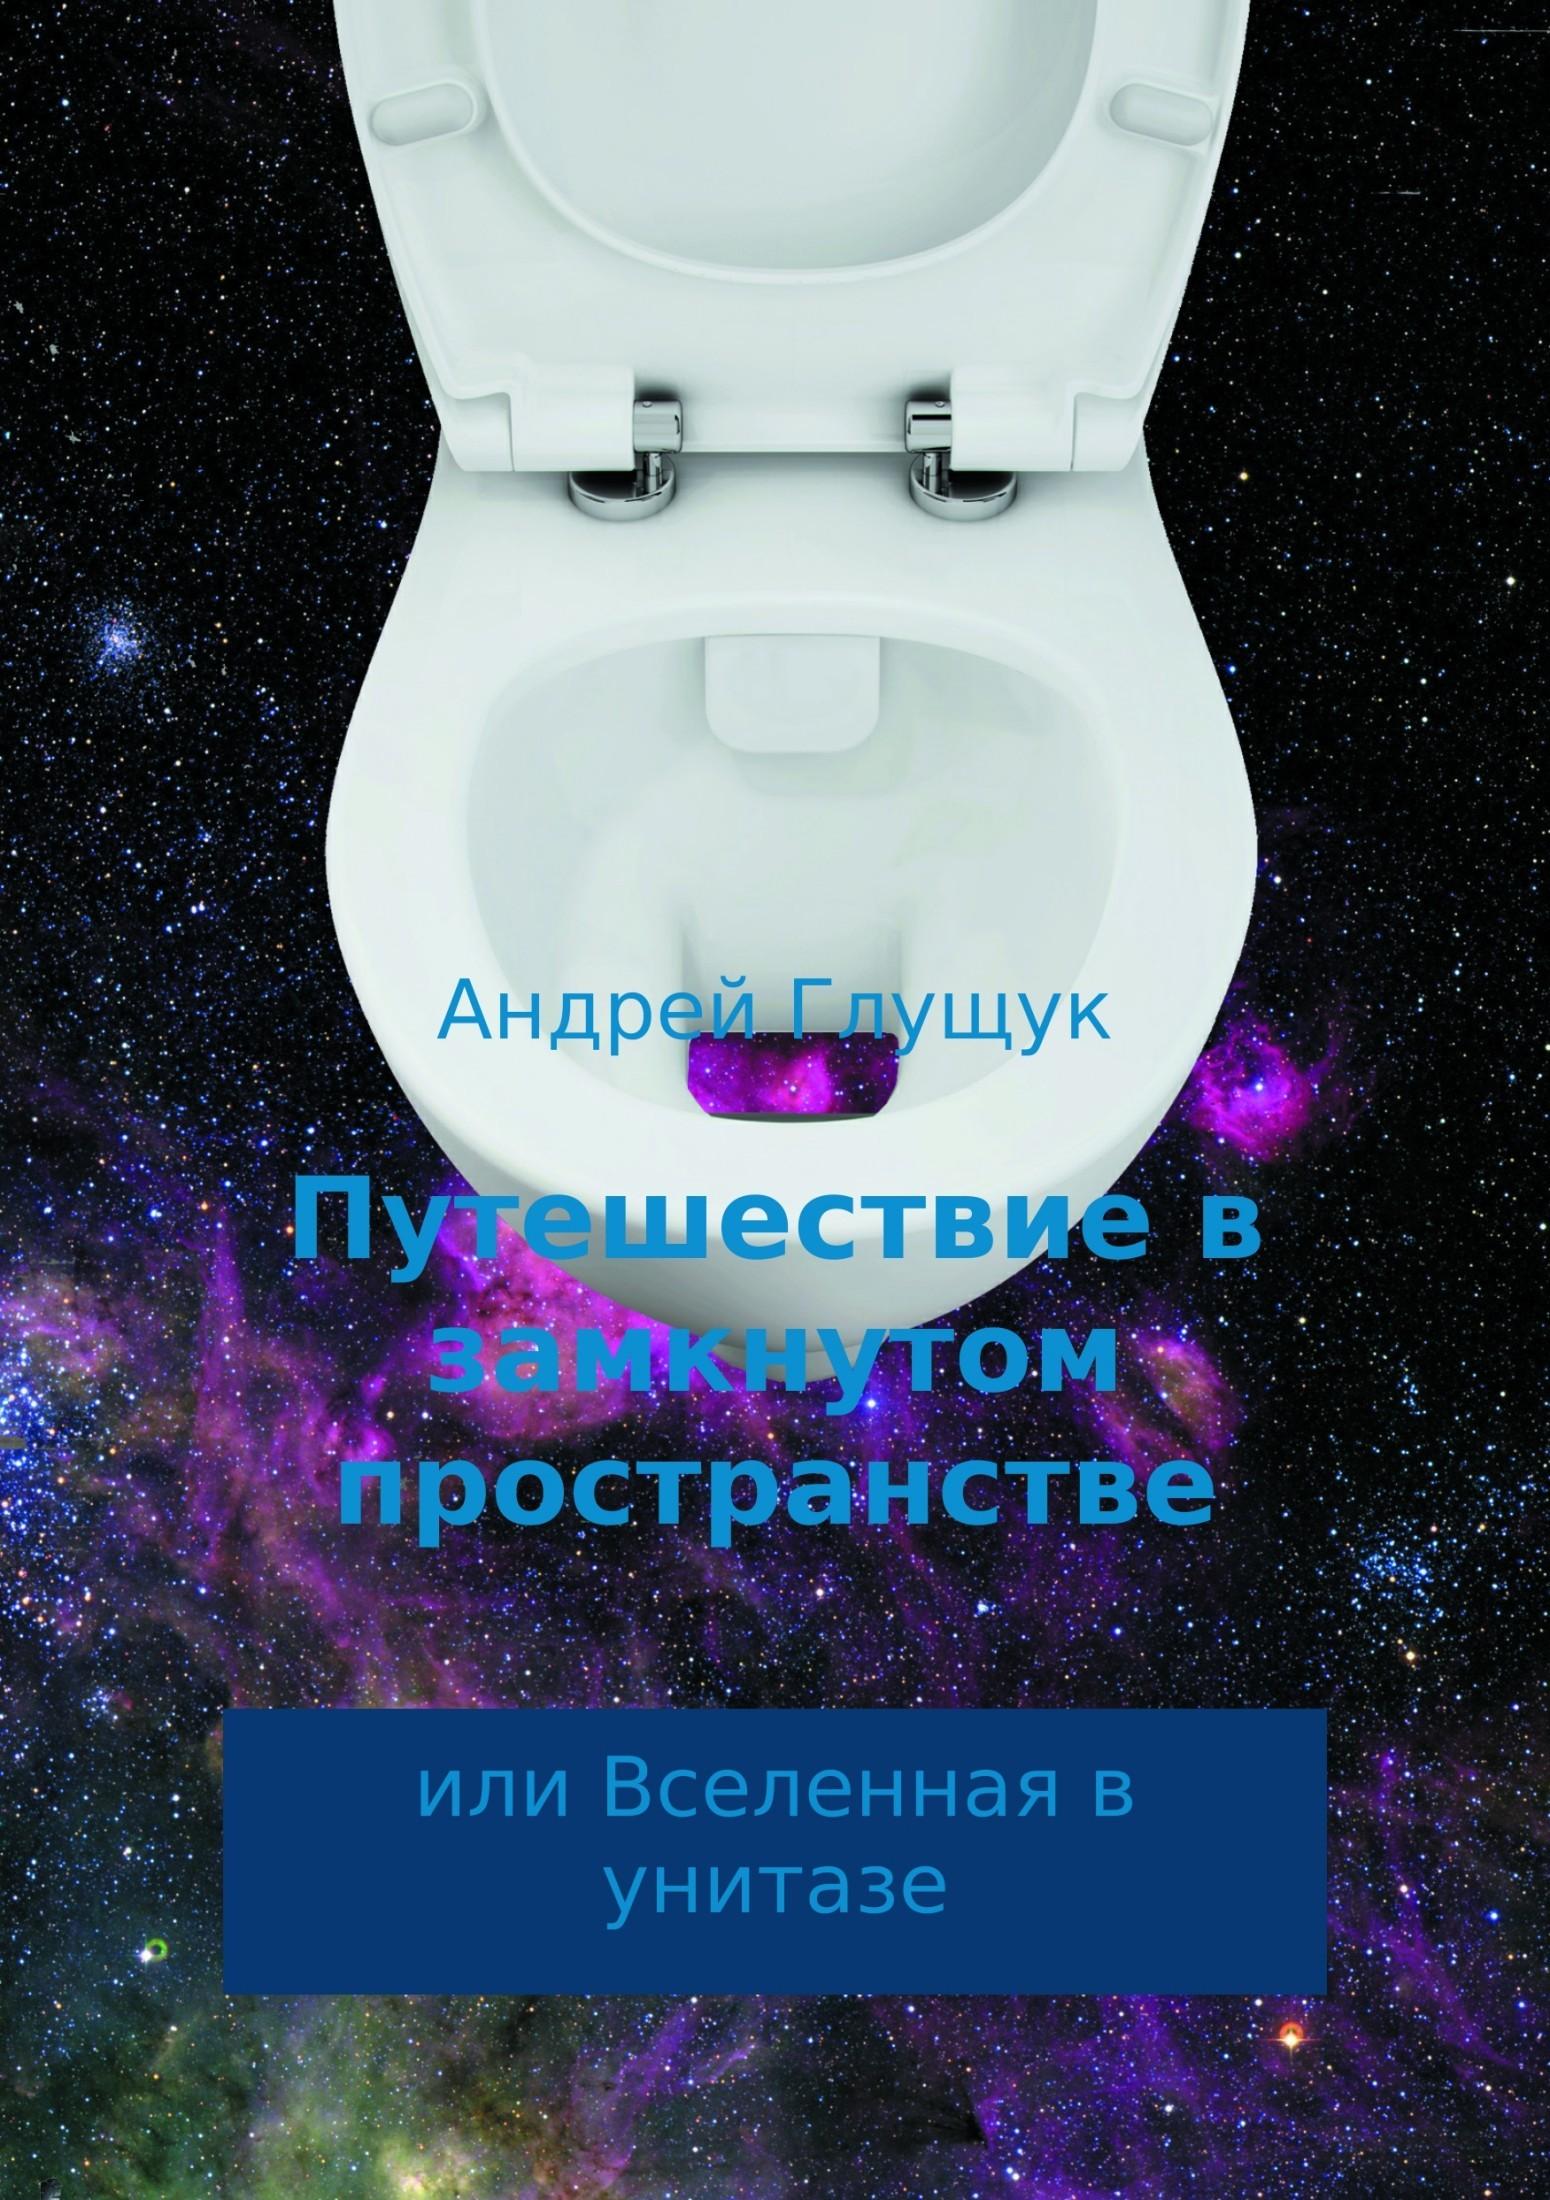 Андрей Глущук - Путешествие в замкнутом пространстве или Вселенная в унитазе